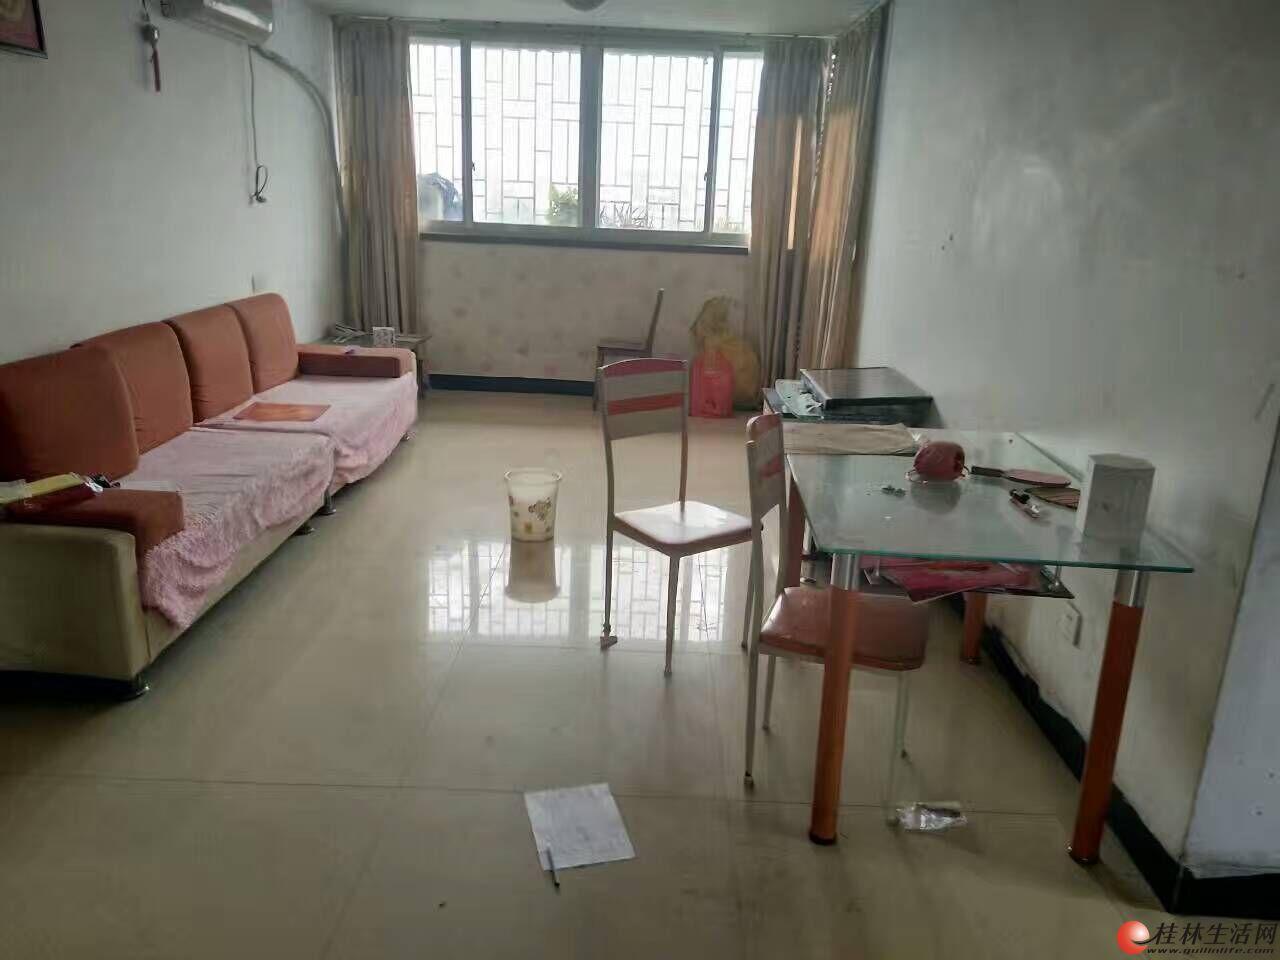 中山北路 叠彩区政府旁04年2房2厅73平米 带杂物间 可免费停汽车